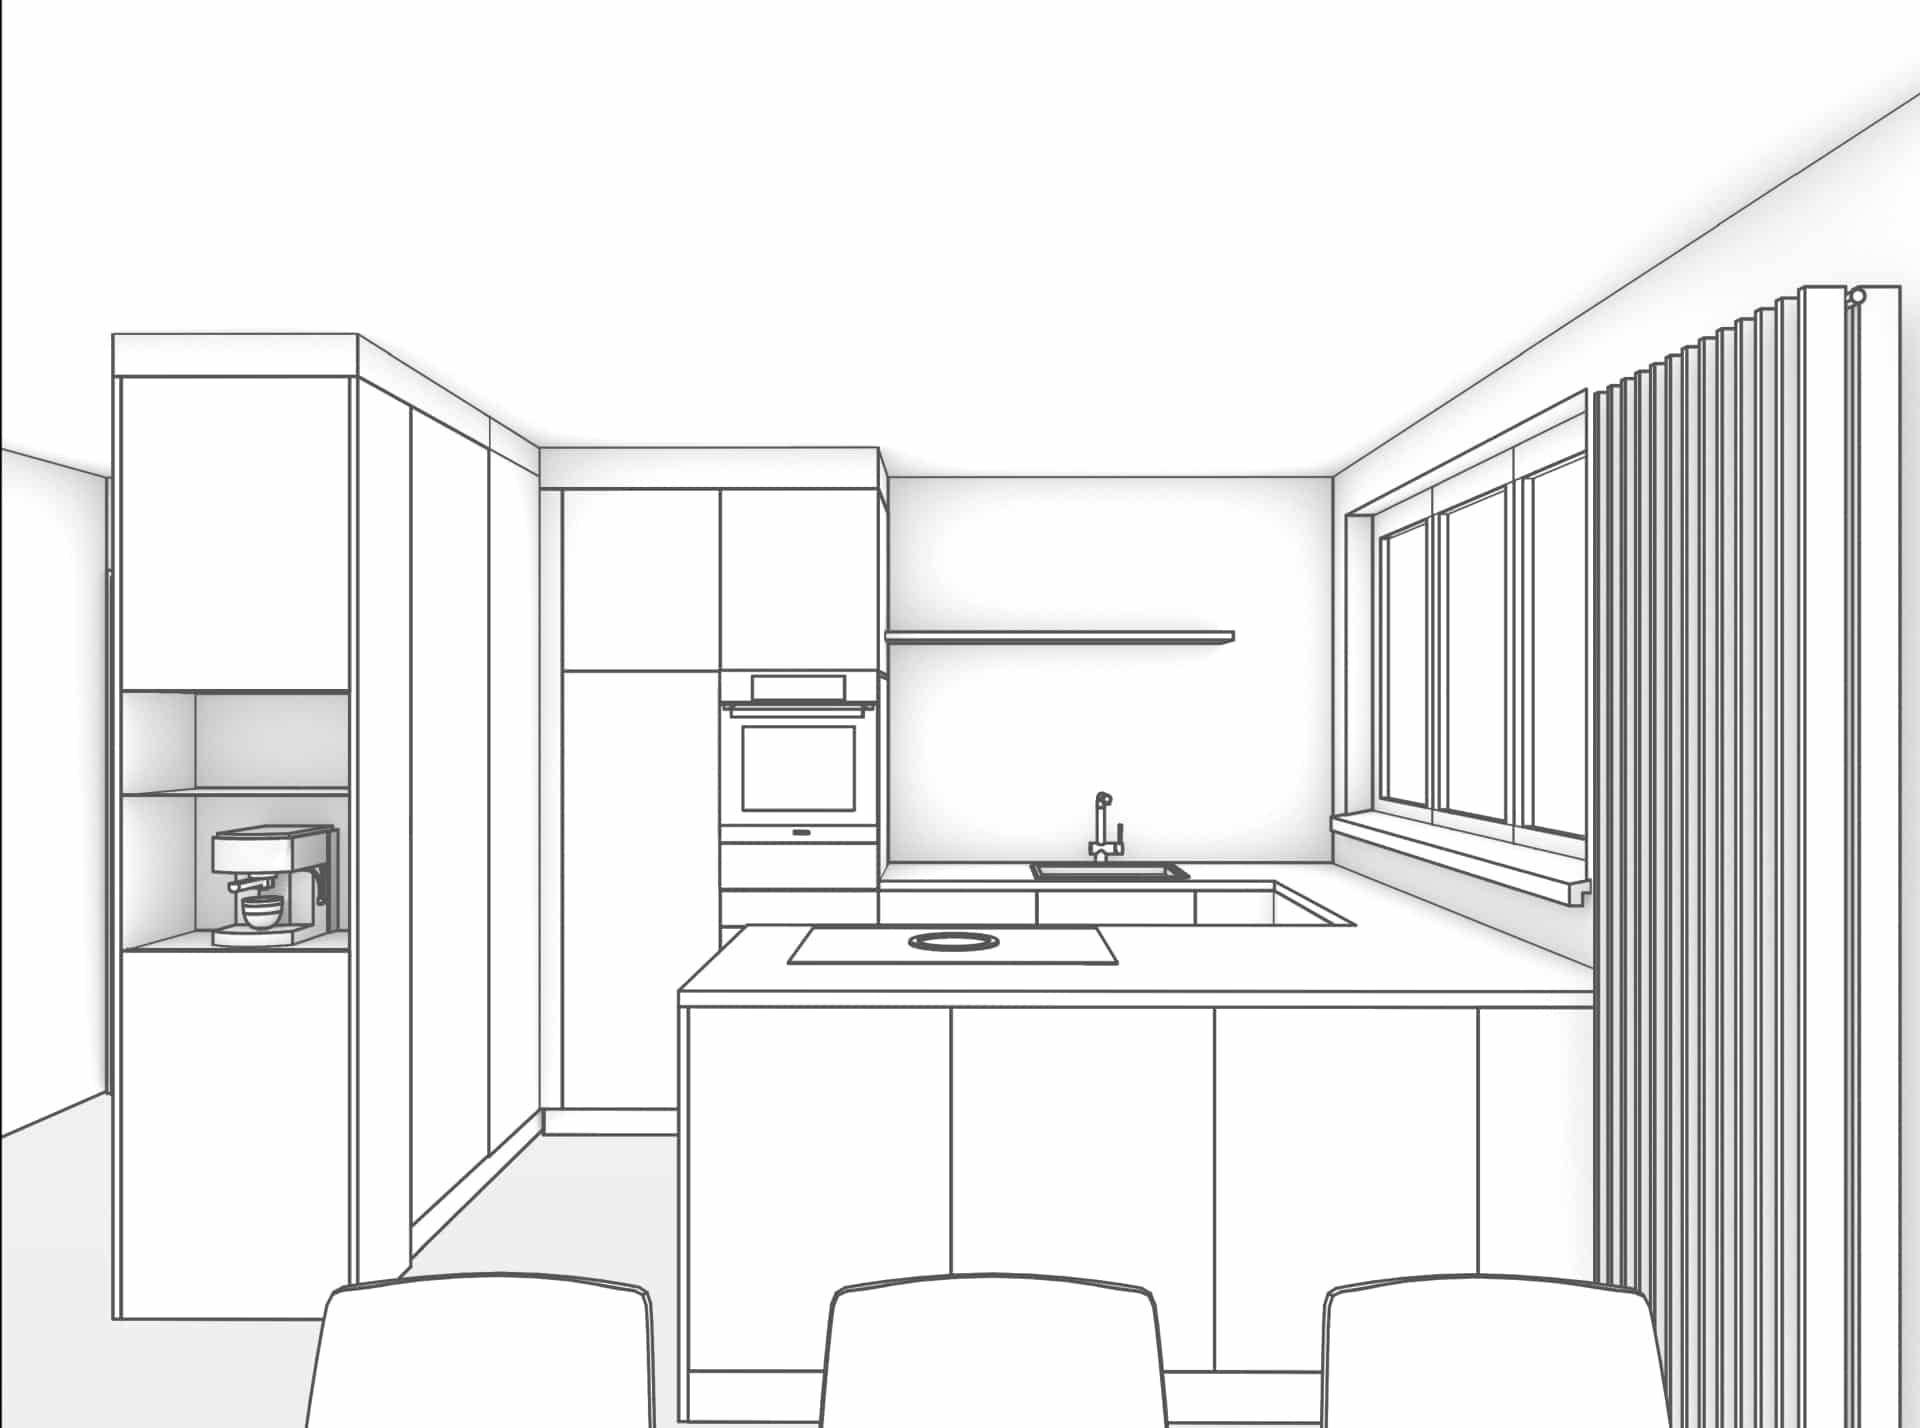 Schwarz/Weiss gehaltene Perspektive von Wohnraum aus, Richtung Küchenbereich. Eine offene Küche steht im Zentrum des Bildes. Von links nach rechts geschaut, befindet sich ein, in den Wohnraum ragender, raumhoher Einbauschrank der ein offenes Fach für eine Kaffeemaschine. Diese Einbausituation wird als Raumtrenner zwischen Eingangsbereich und Küche genutzt. In den Raum blickend befindet sich eine zweiteilige, raumhohe Küchenfront mit Kühlschrank und Backofen. Rechts der beiden Hochschränke grenzt eine U-Förmige Küchenabdeckung. Die daraus entstandene Kochinsel steht parallel zum Wohnbereich und bildet der Abschluss der offenen Küche.